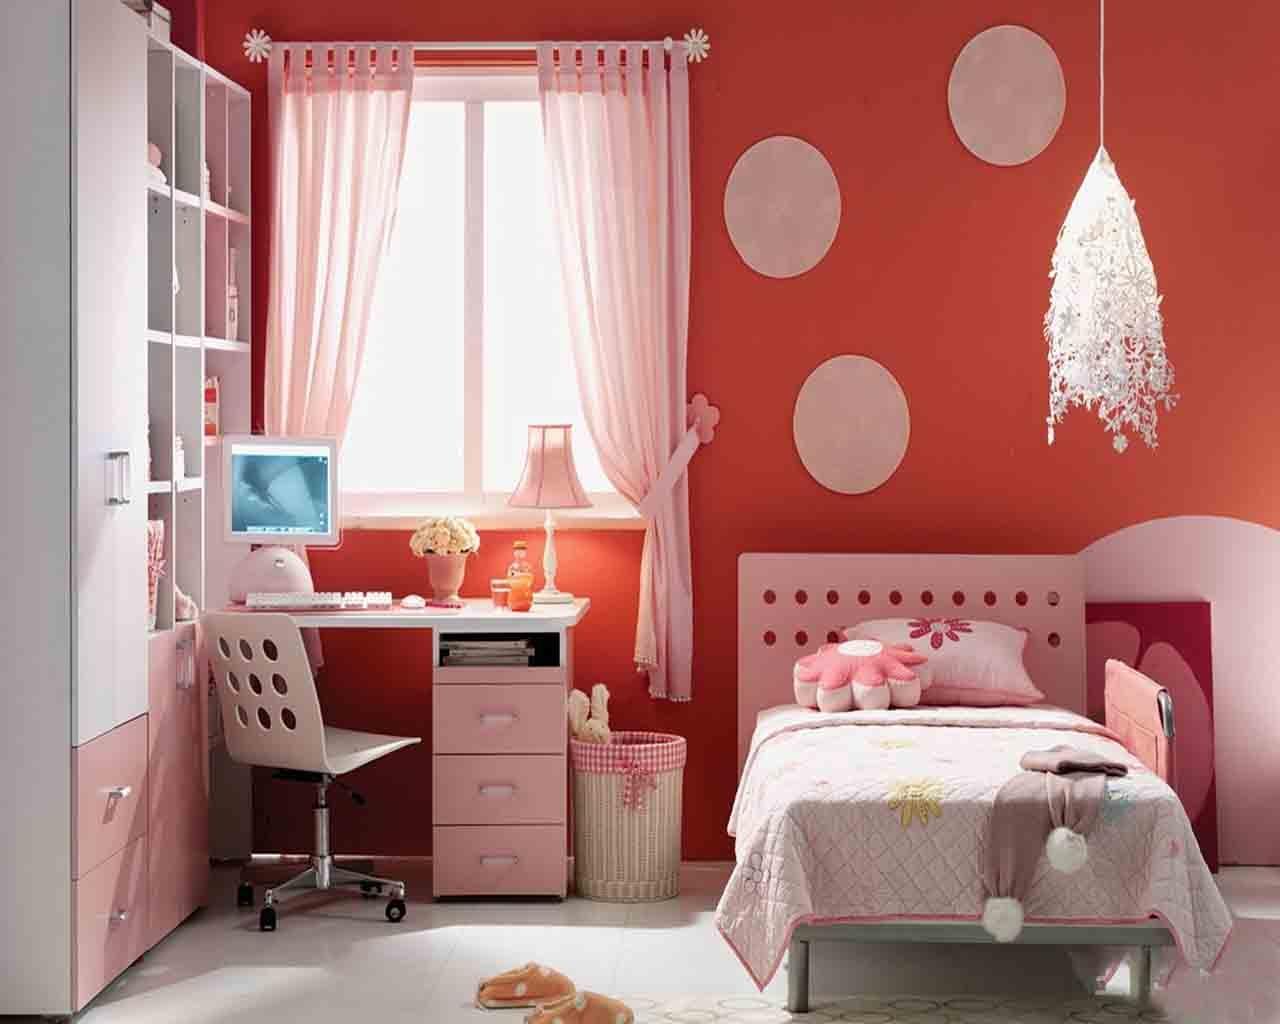 设计理念:儿童房也需要环保,装饰材料要绿色环保,尽量减少有害气体释放;现代很多少儿白血病都和室内污染有莫大的关系。空间,尽量留出宽敞的活动空间,满足儿童好动的需求。色彩,房间色彩要明朗艳丽,利于孩子心理健康成长。